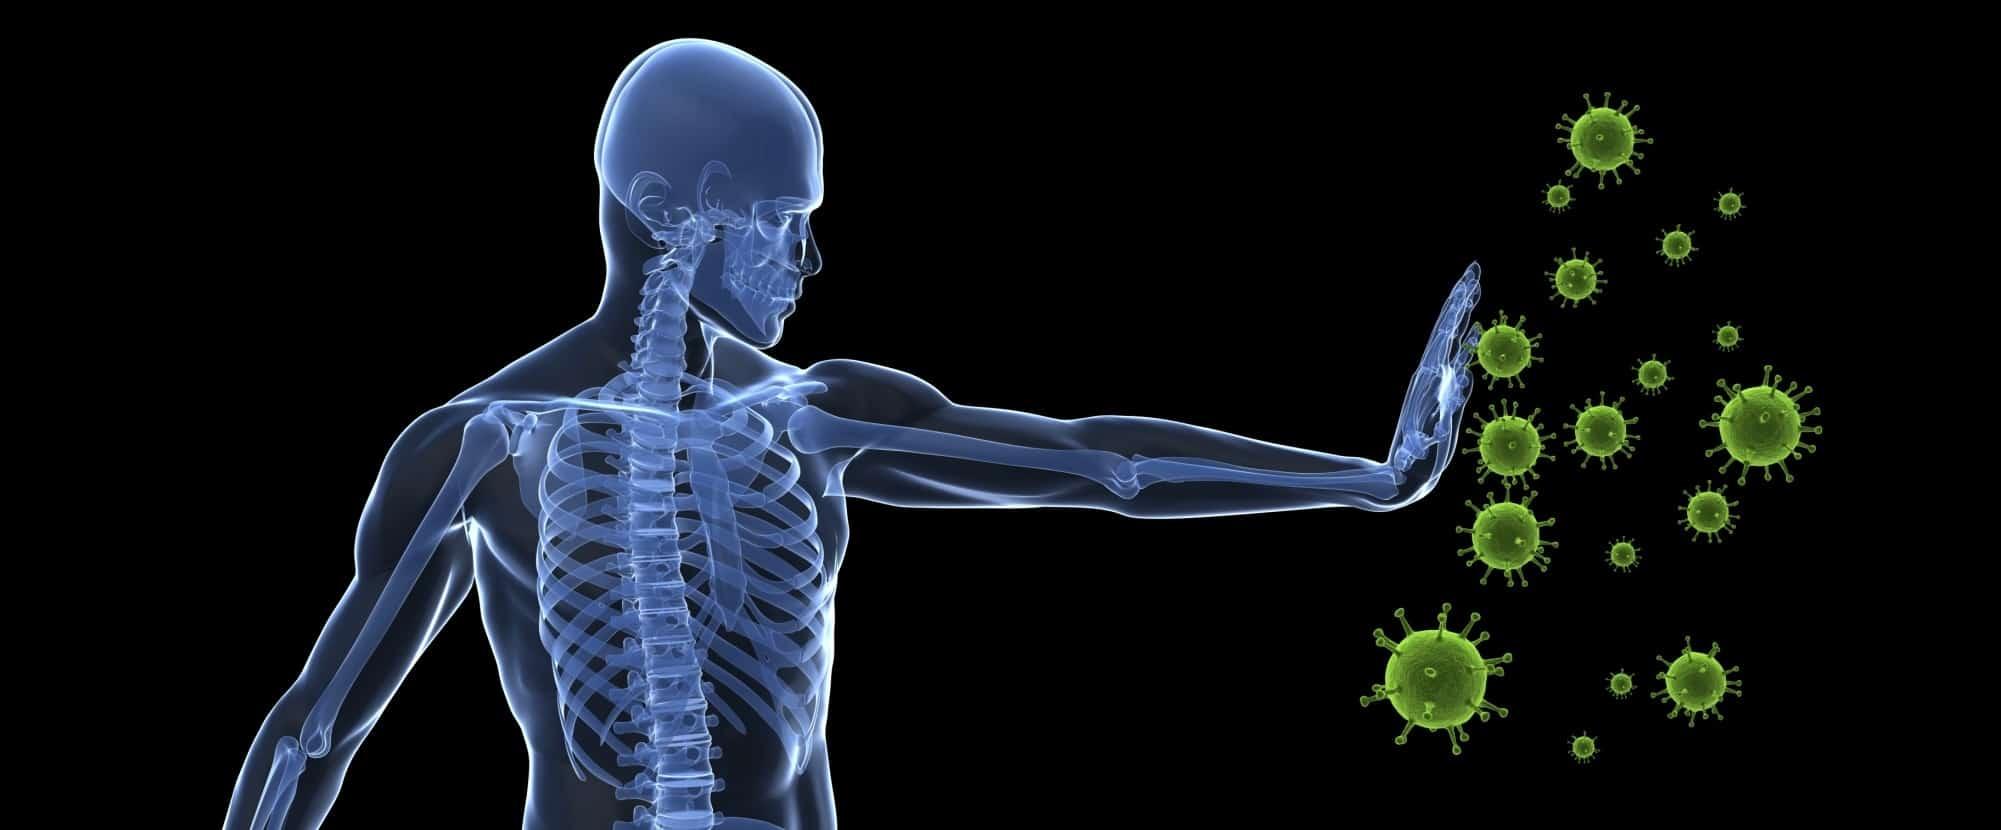 كيفية تحسين نظامك المناعي؟